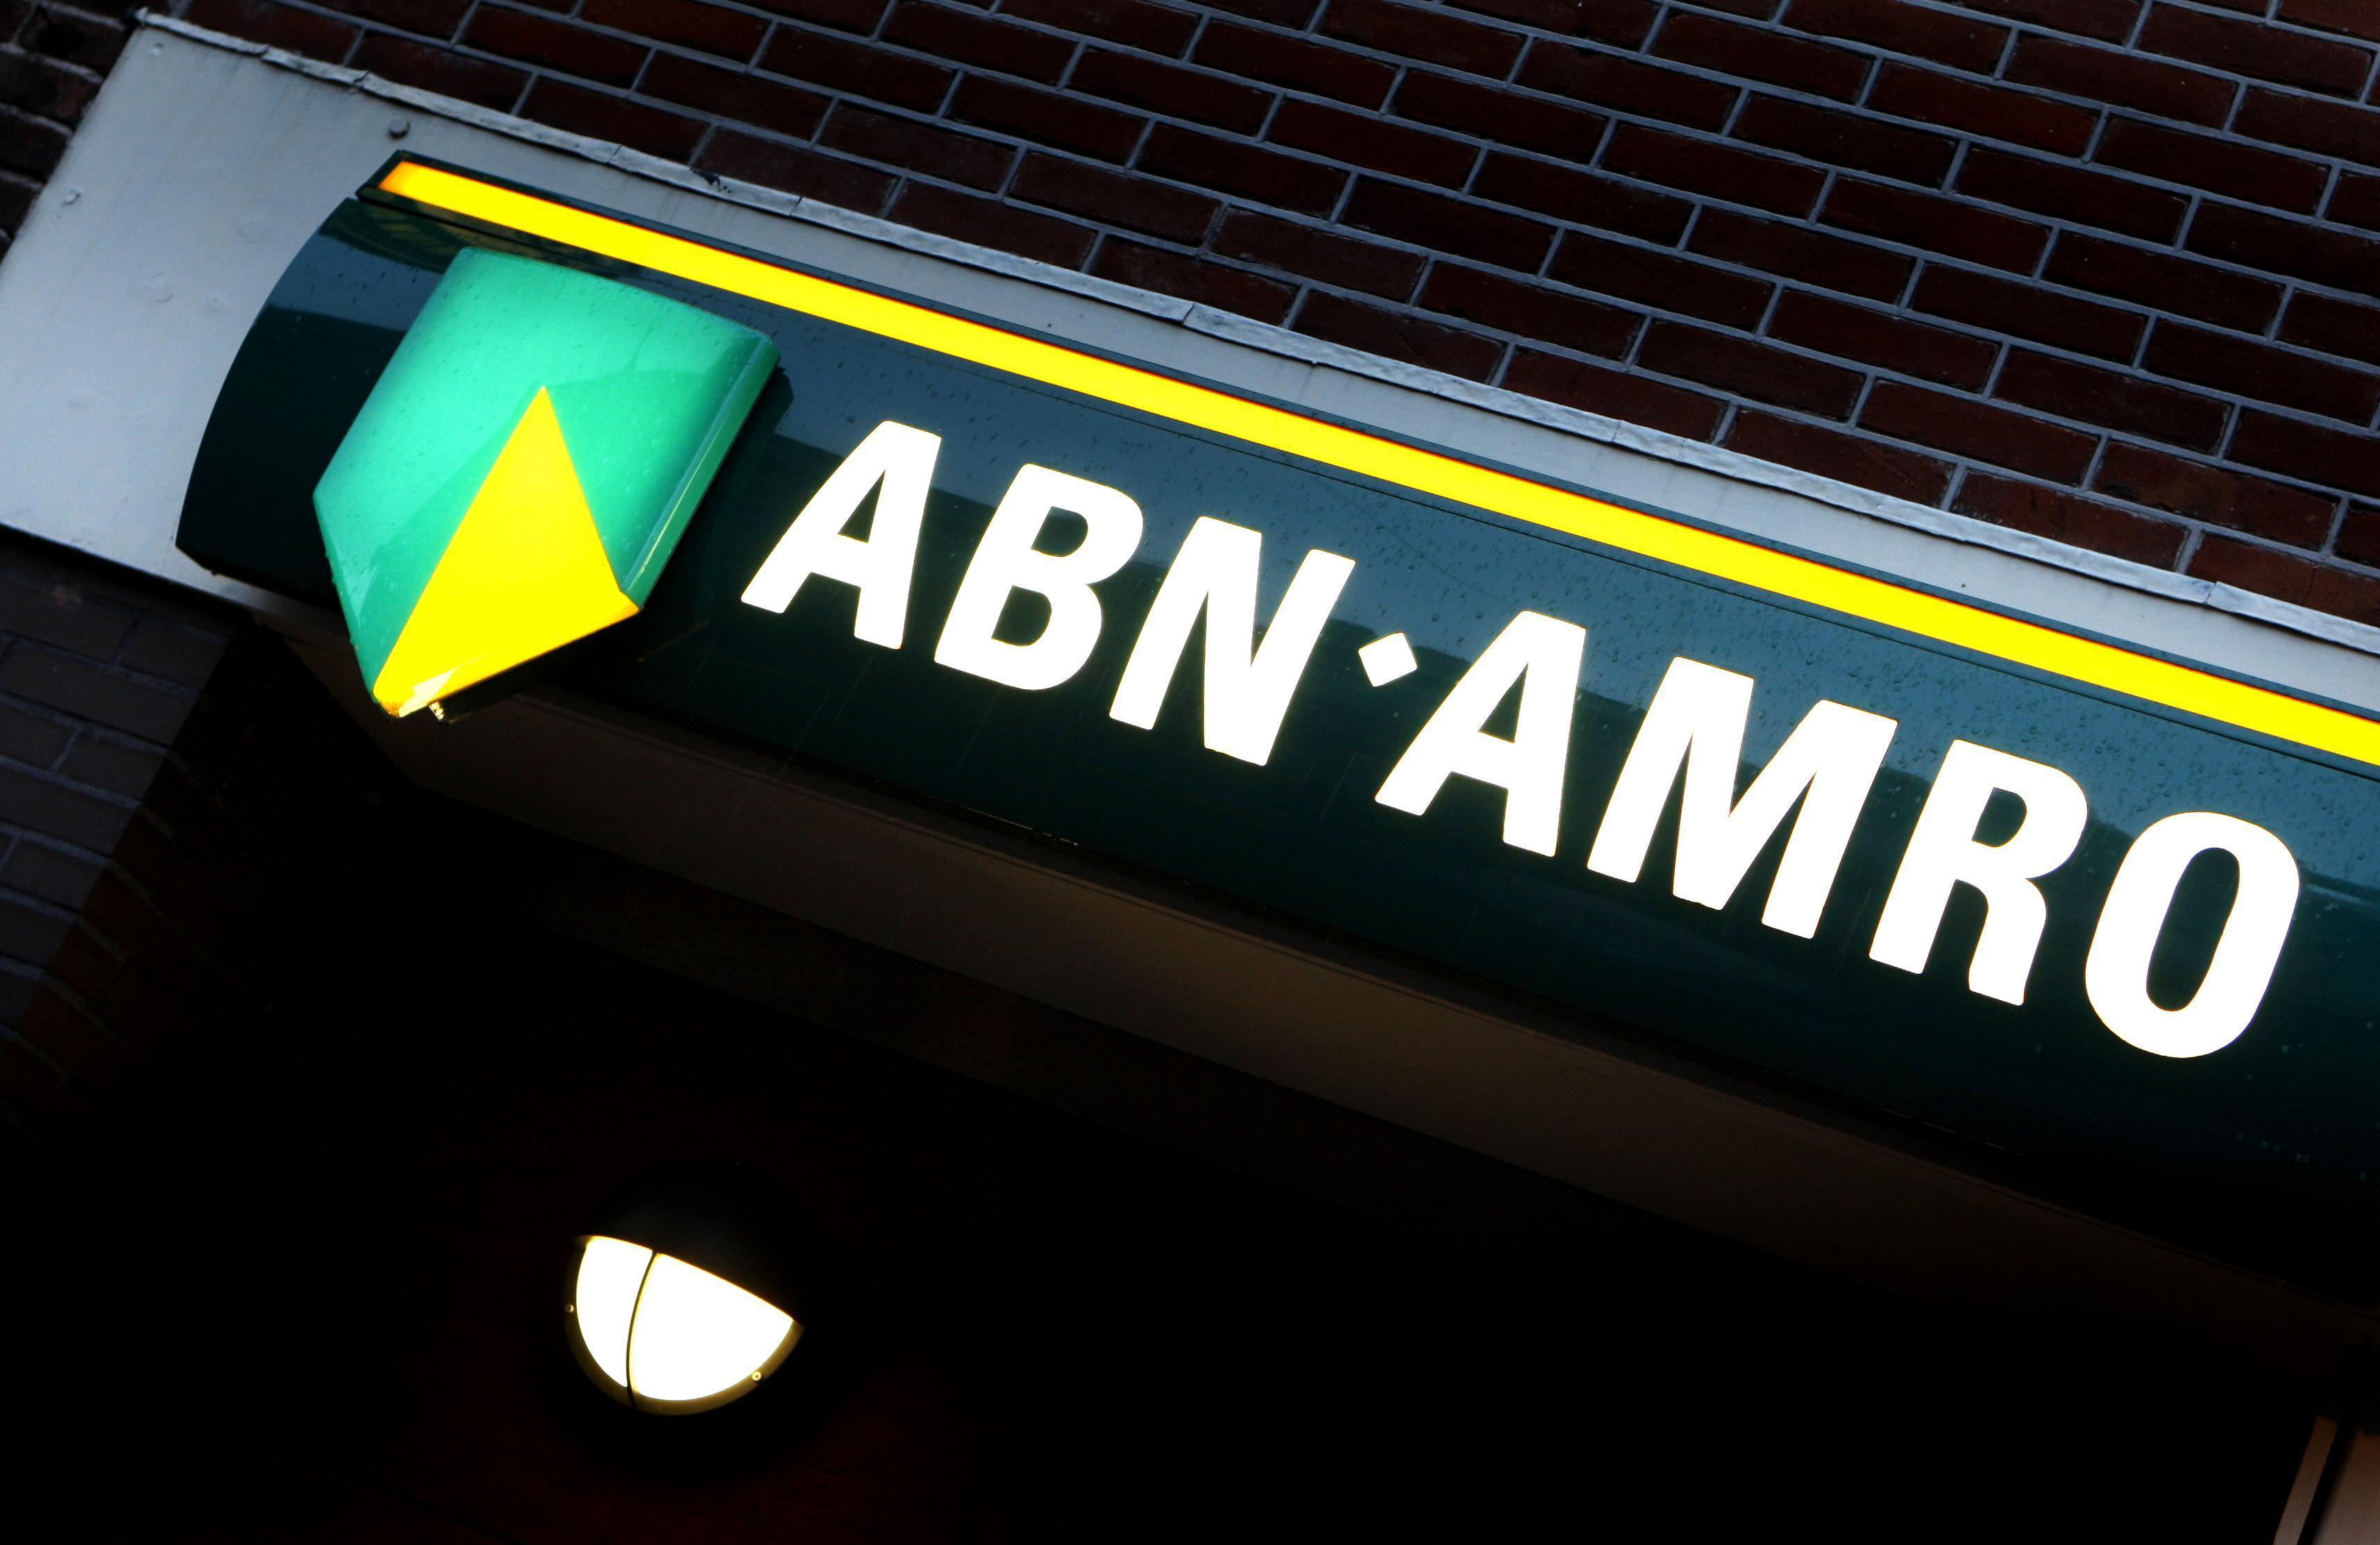 ABN AMRO sluit enige kantoor in Heemstede, bezoekers moeten voortaan uitwijken naar Haarlem